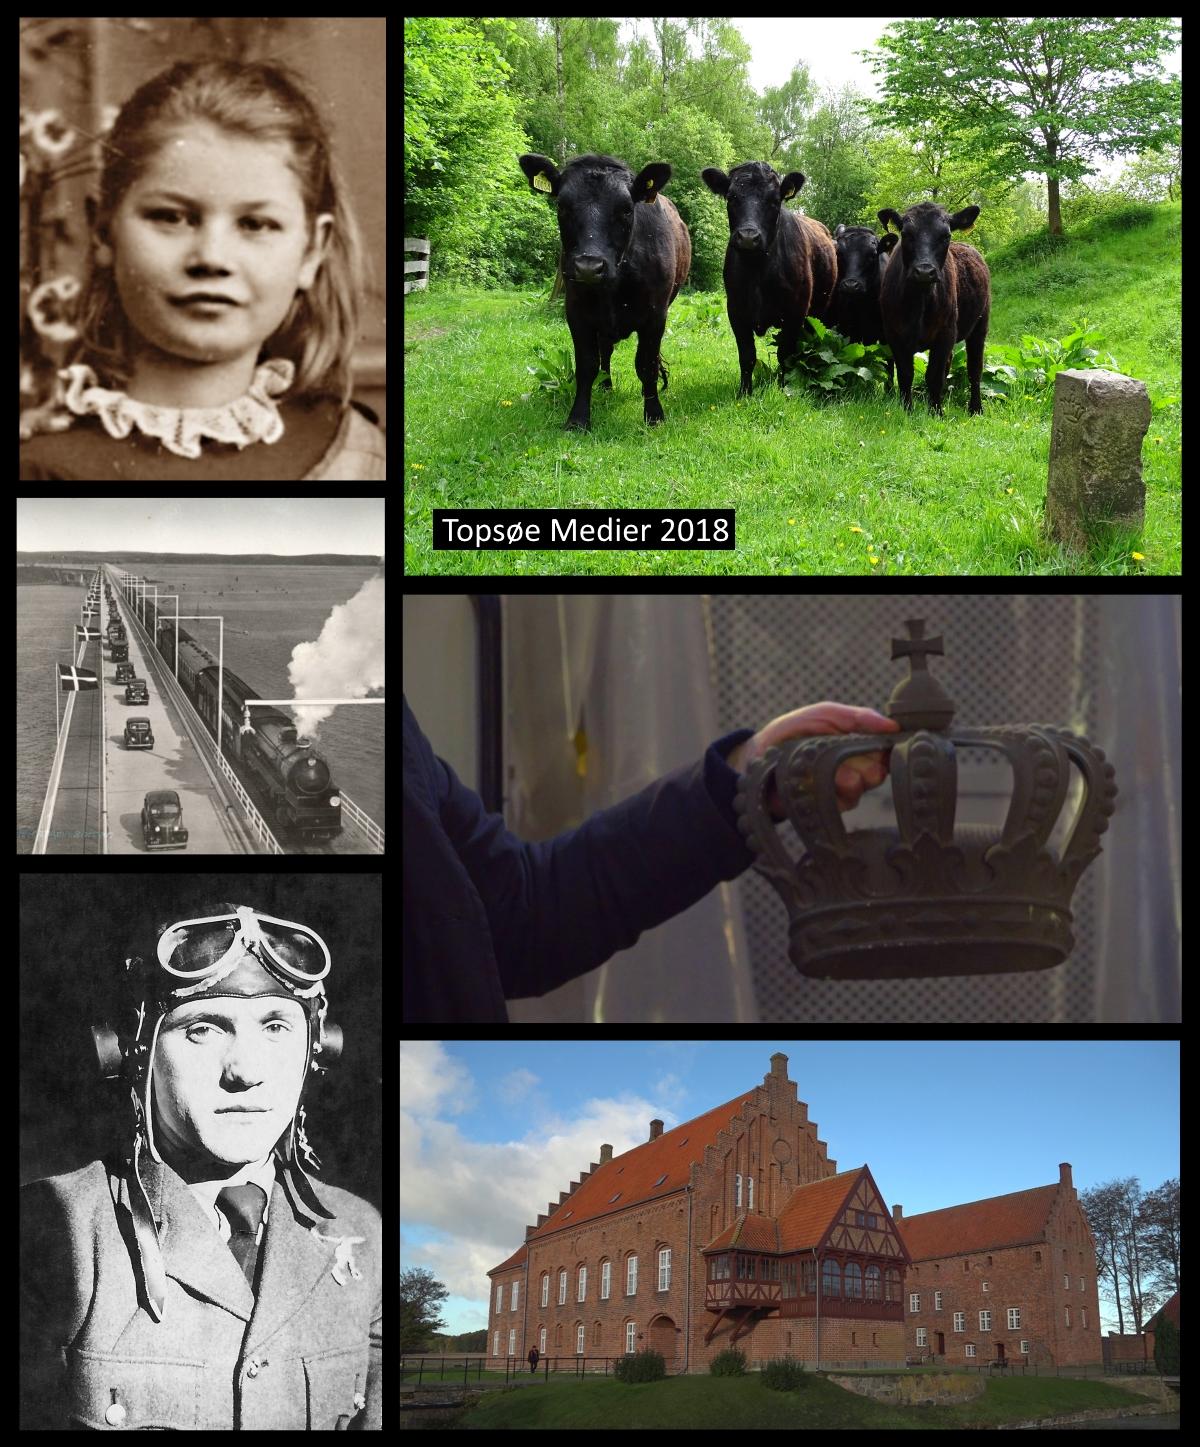 collage-2018-projekter-lille-m-skilt